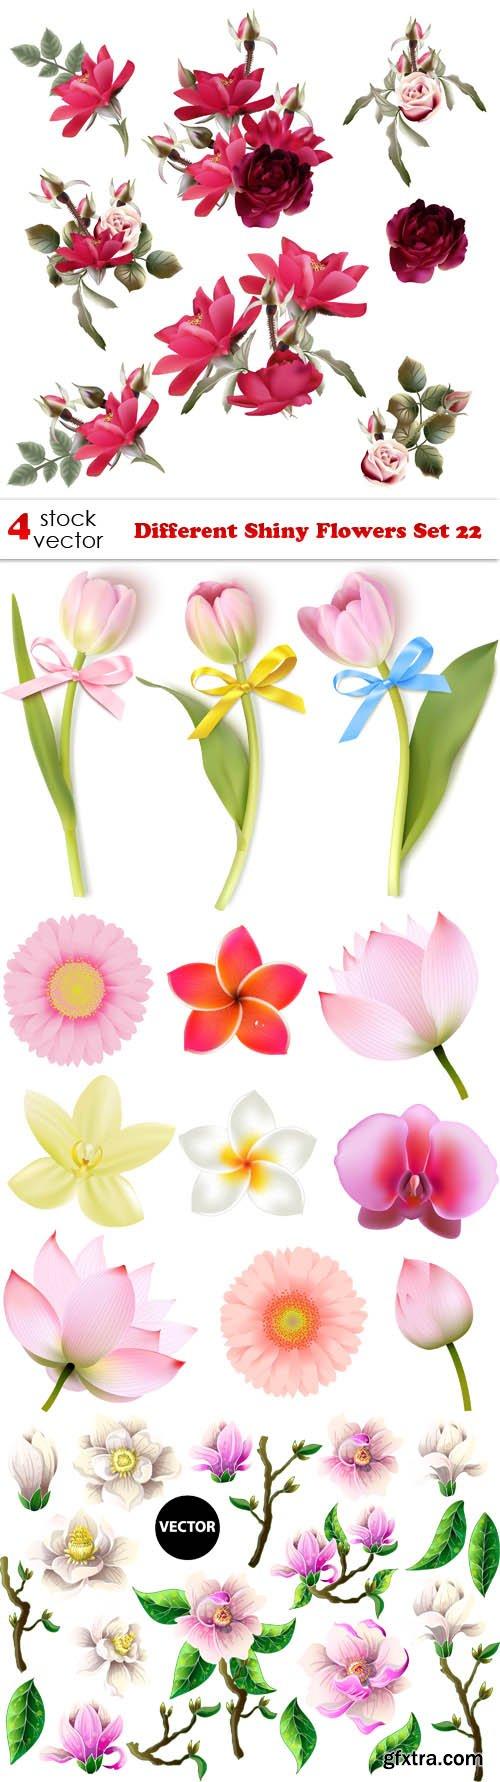 Vectors - Different Shiny Flowers Set 22